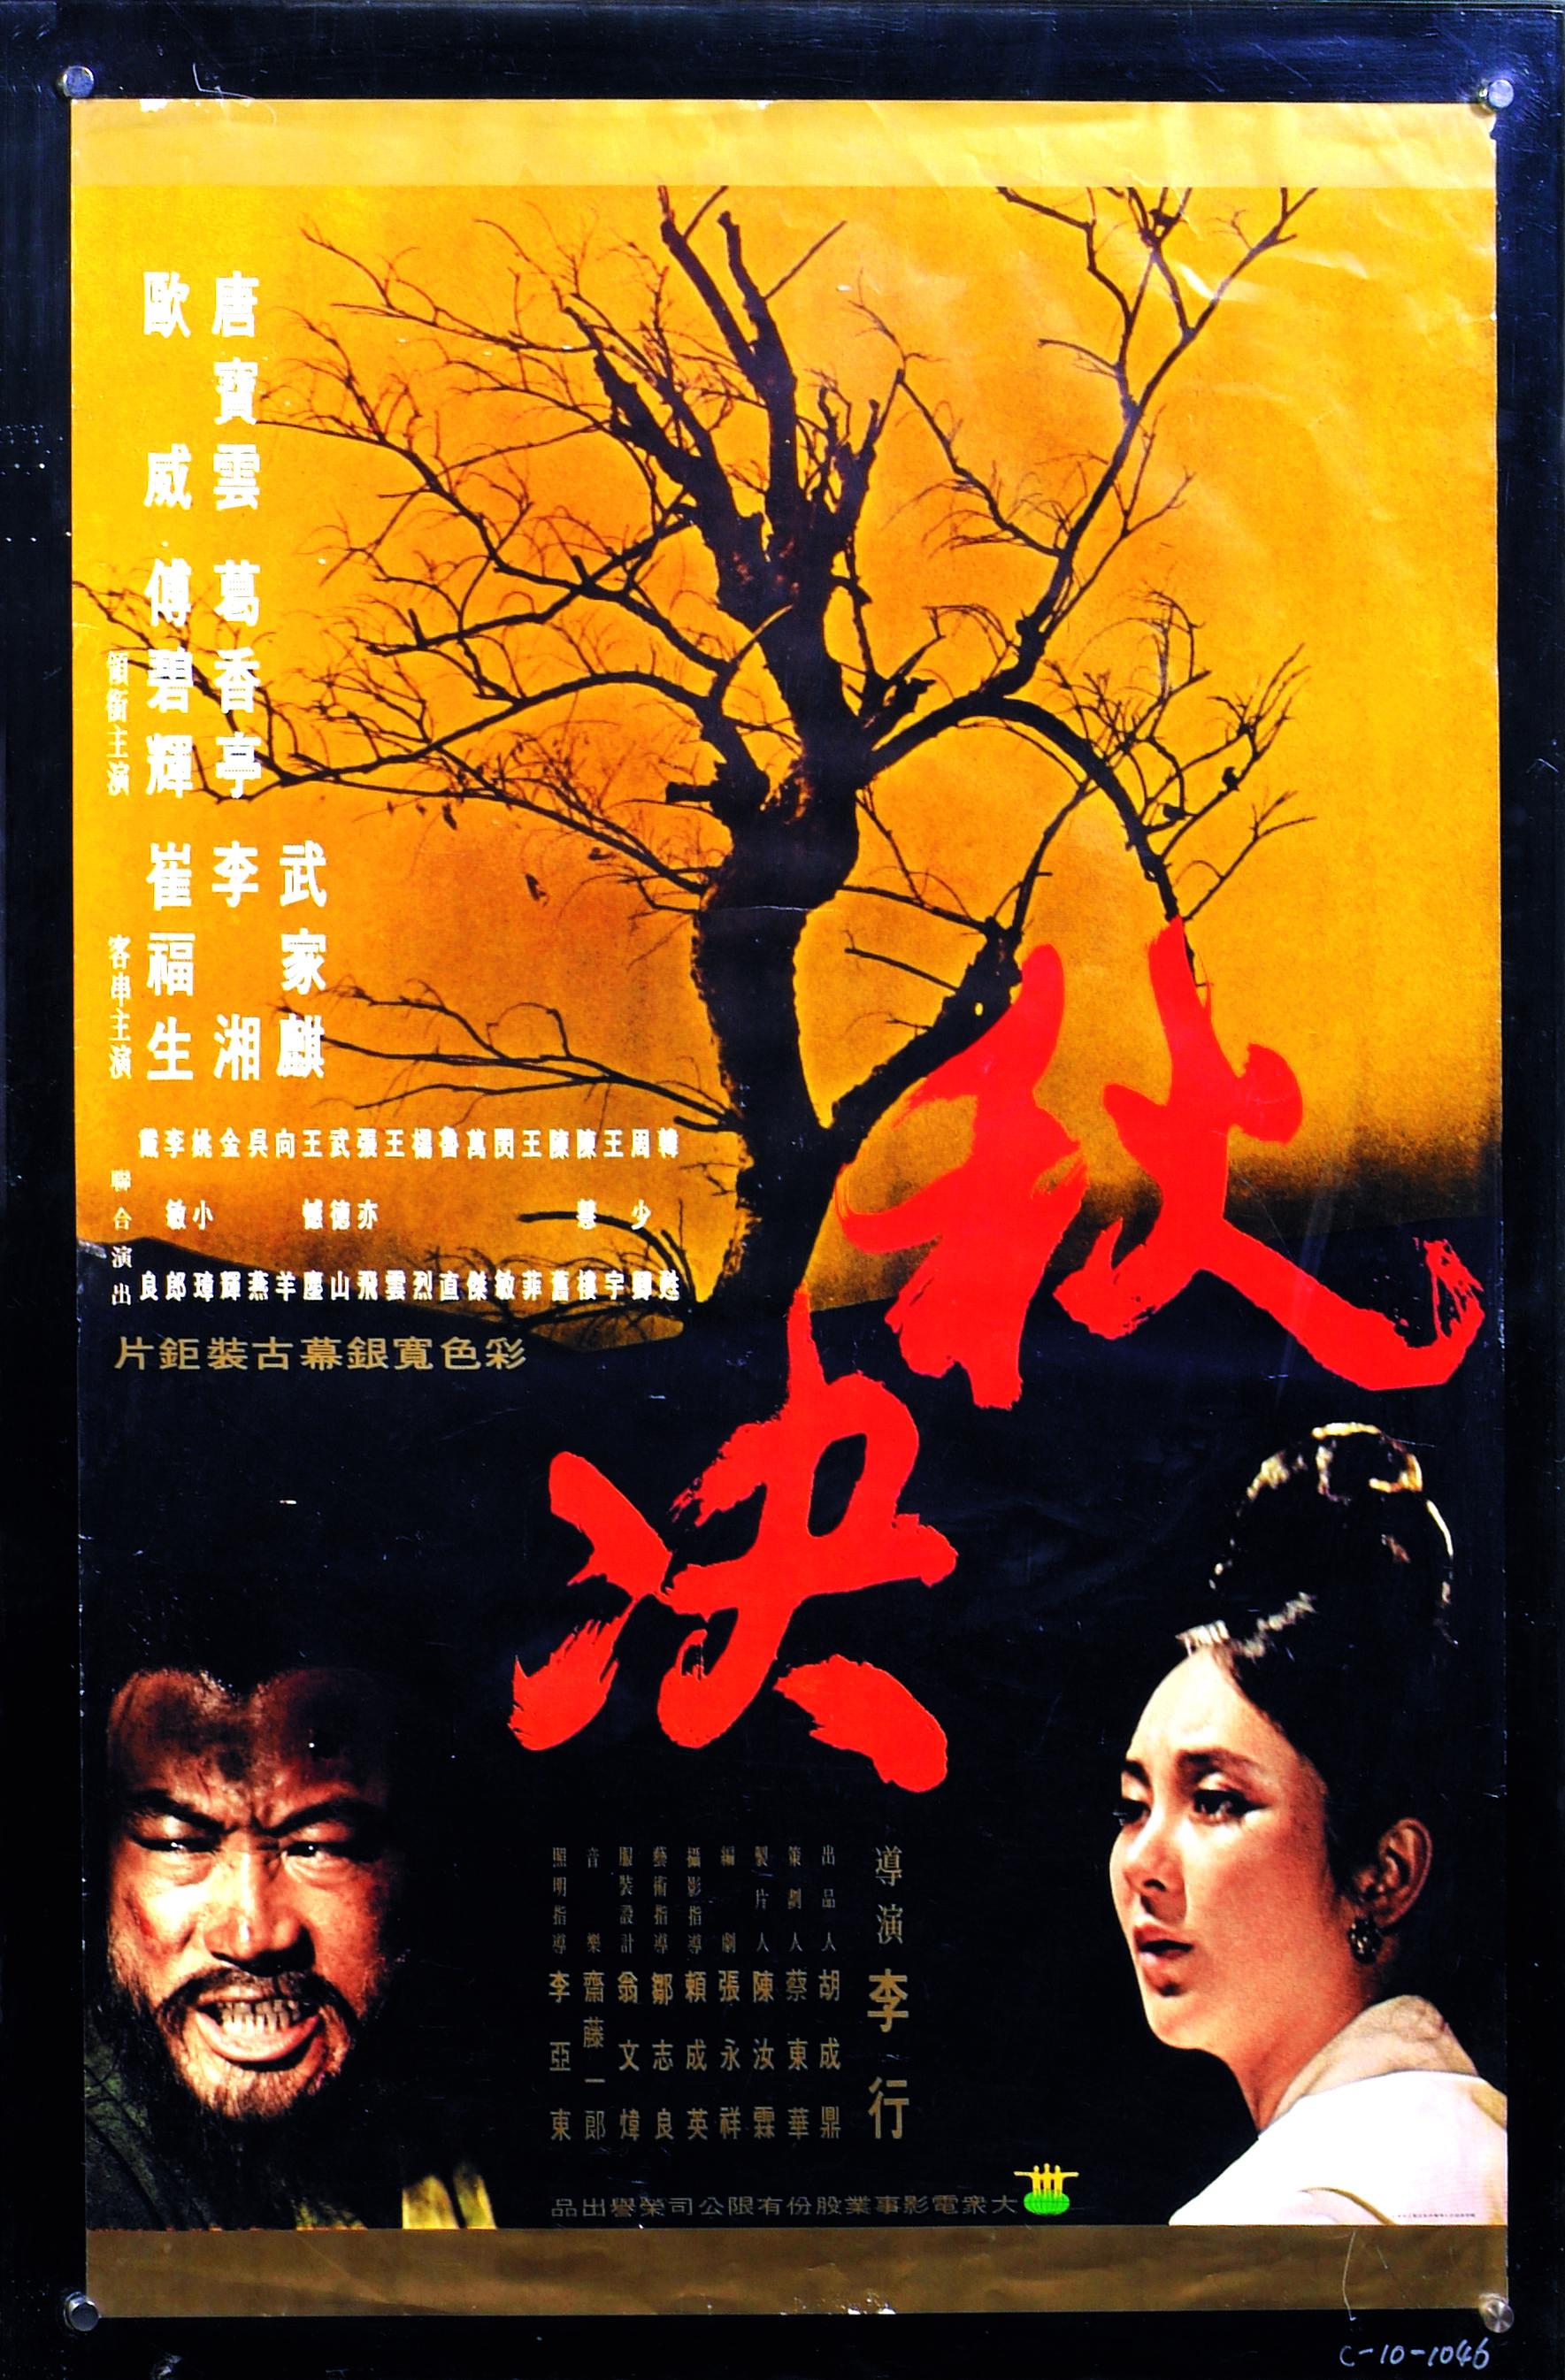 李行導演九十耆壽將有15部重要作品於「中山73」大銀幕獻映